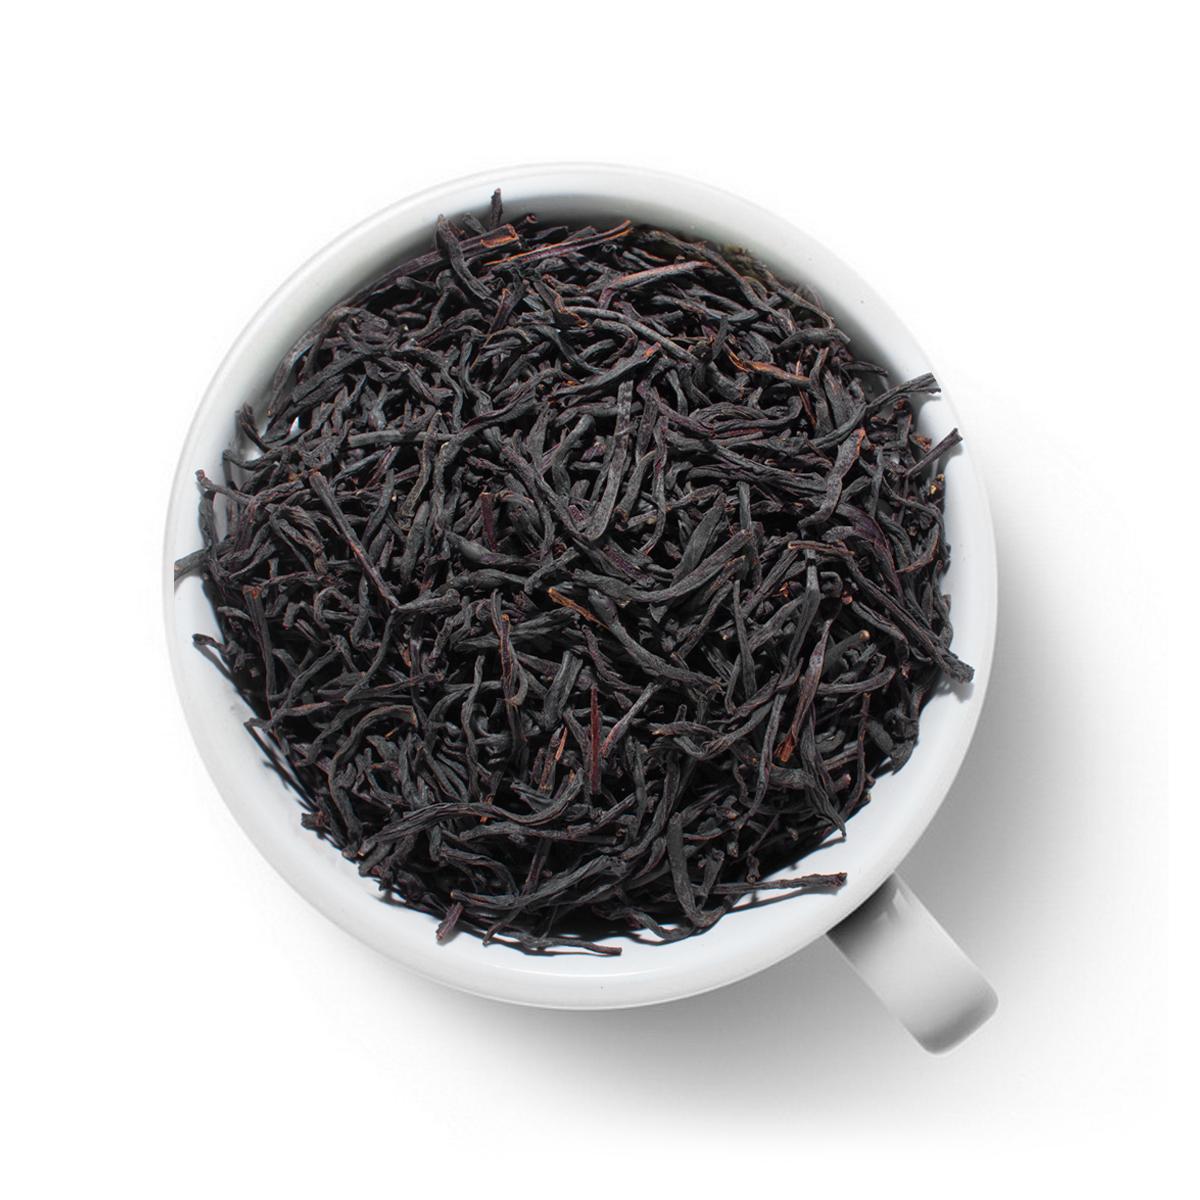 Купить со скидкой Цейлонский чай Нью Витанаканда OP1 (Сабарагамува)